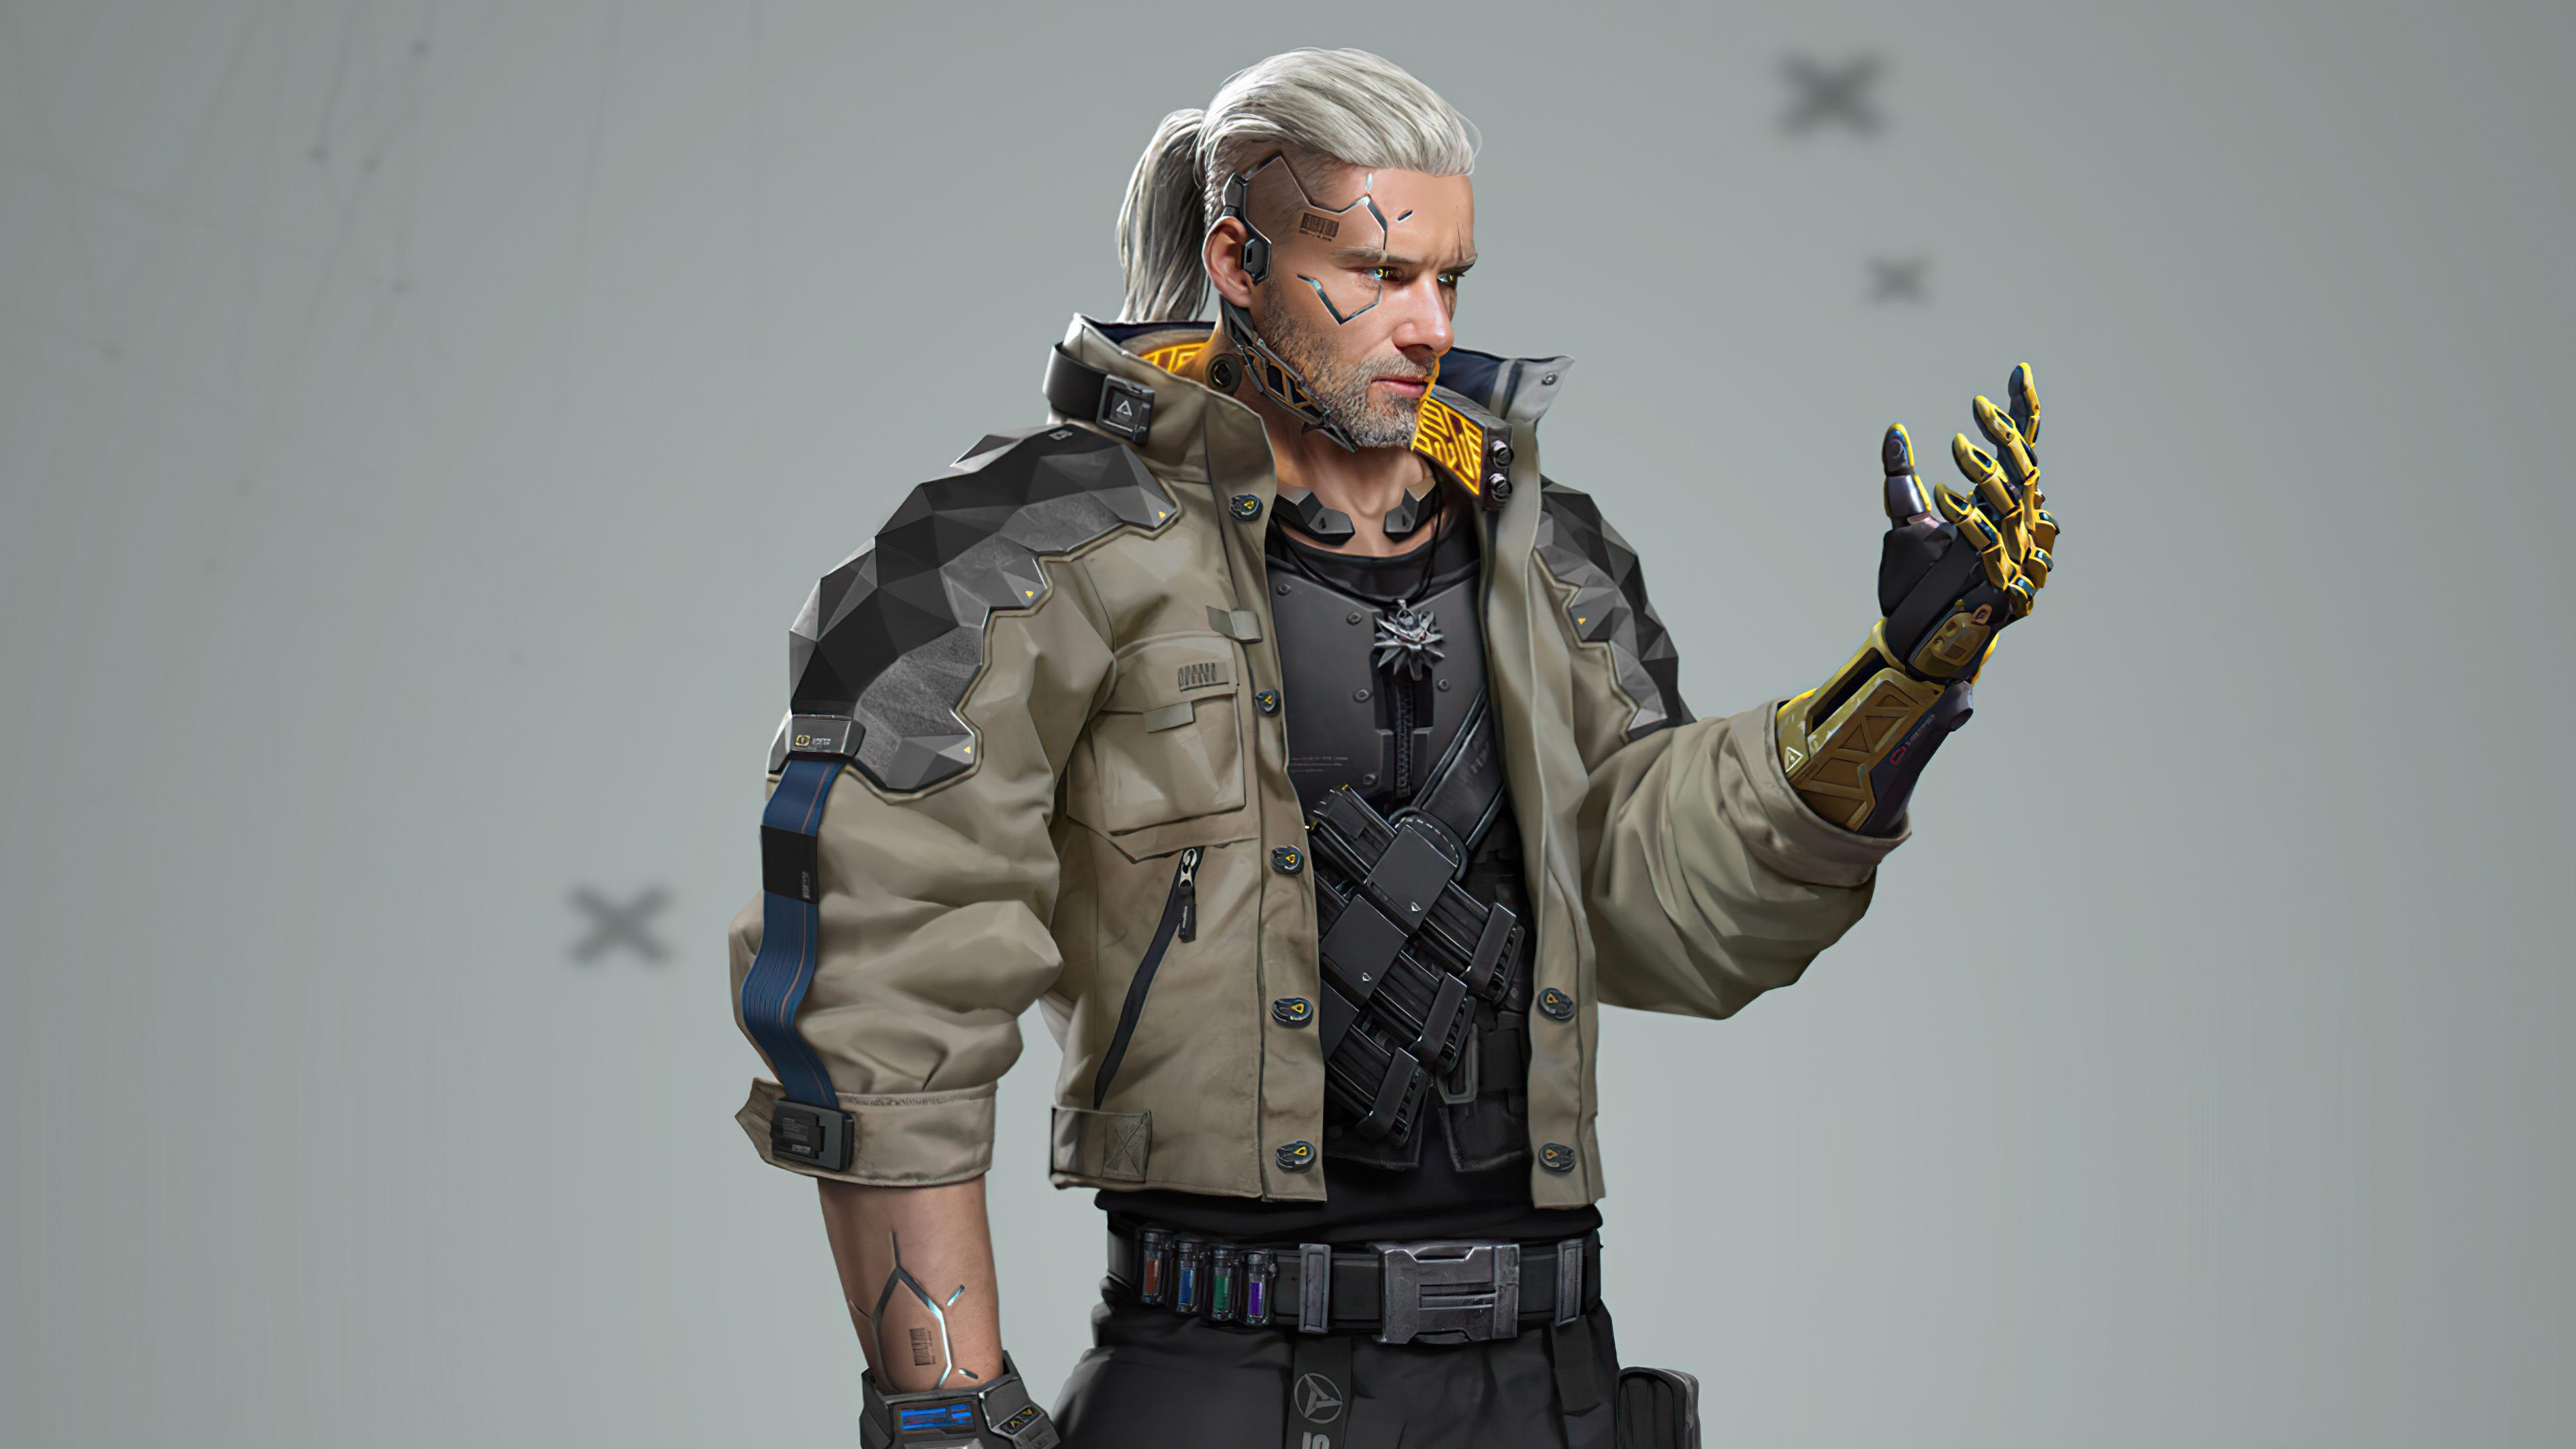 2560x1440 Cyberpunk 2077 Geralt 4K 1440P Resolution HD 4k ...